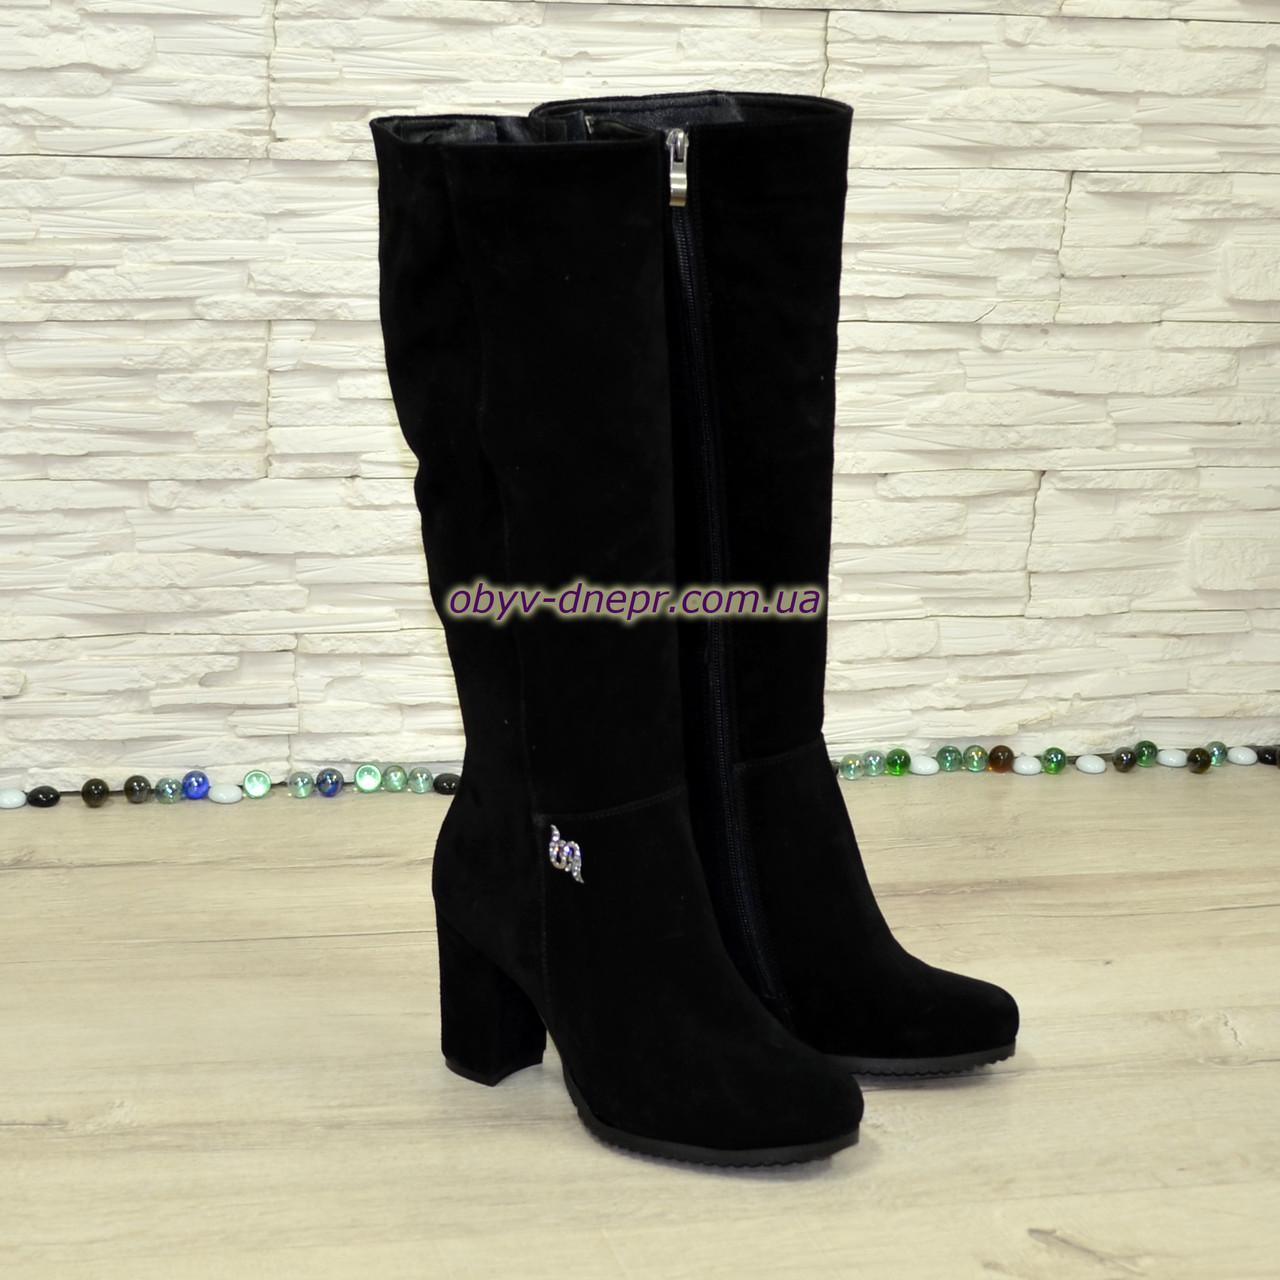 Сапоги черные зимние замшевые на устойчивом каблуке, декорированы фурнитурой